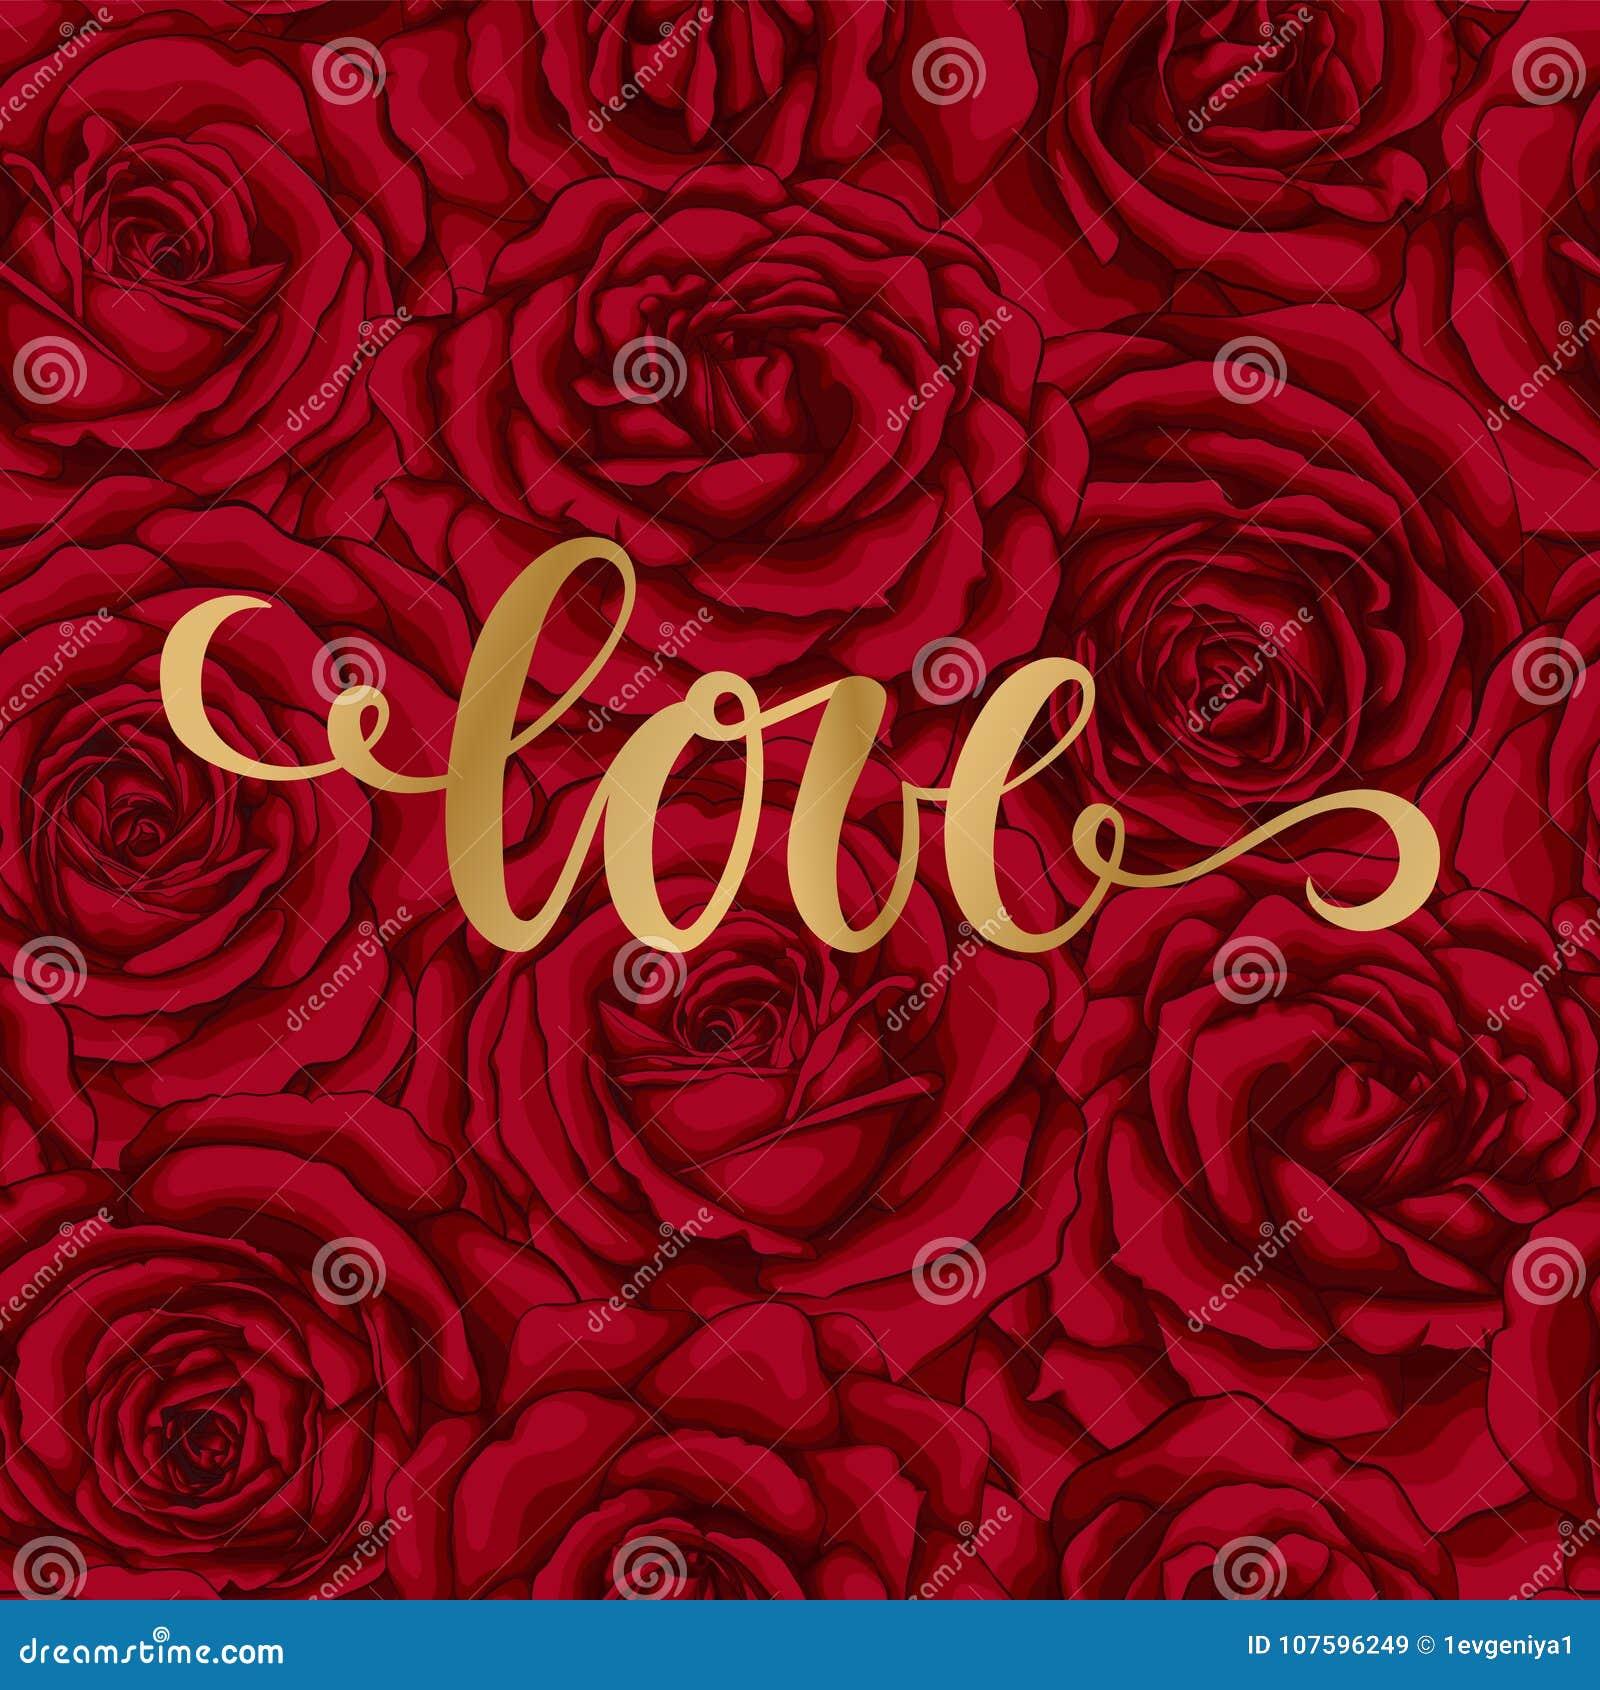 Love. Hand Drawn Brush Pen Lettering On Background Flower